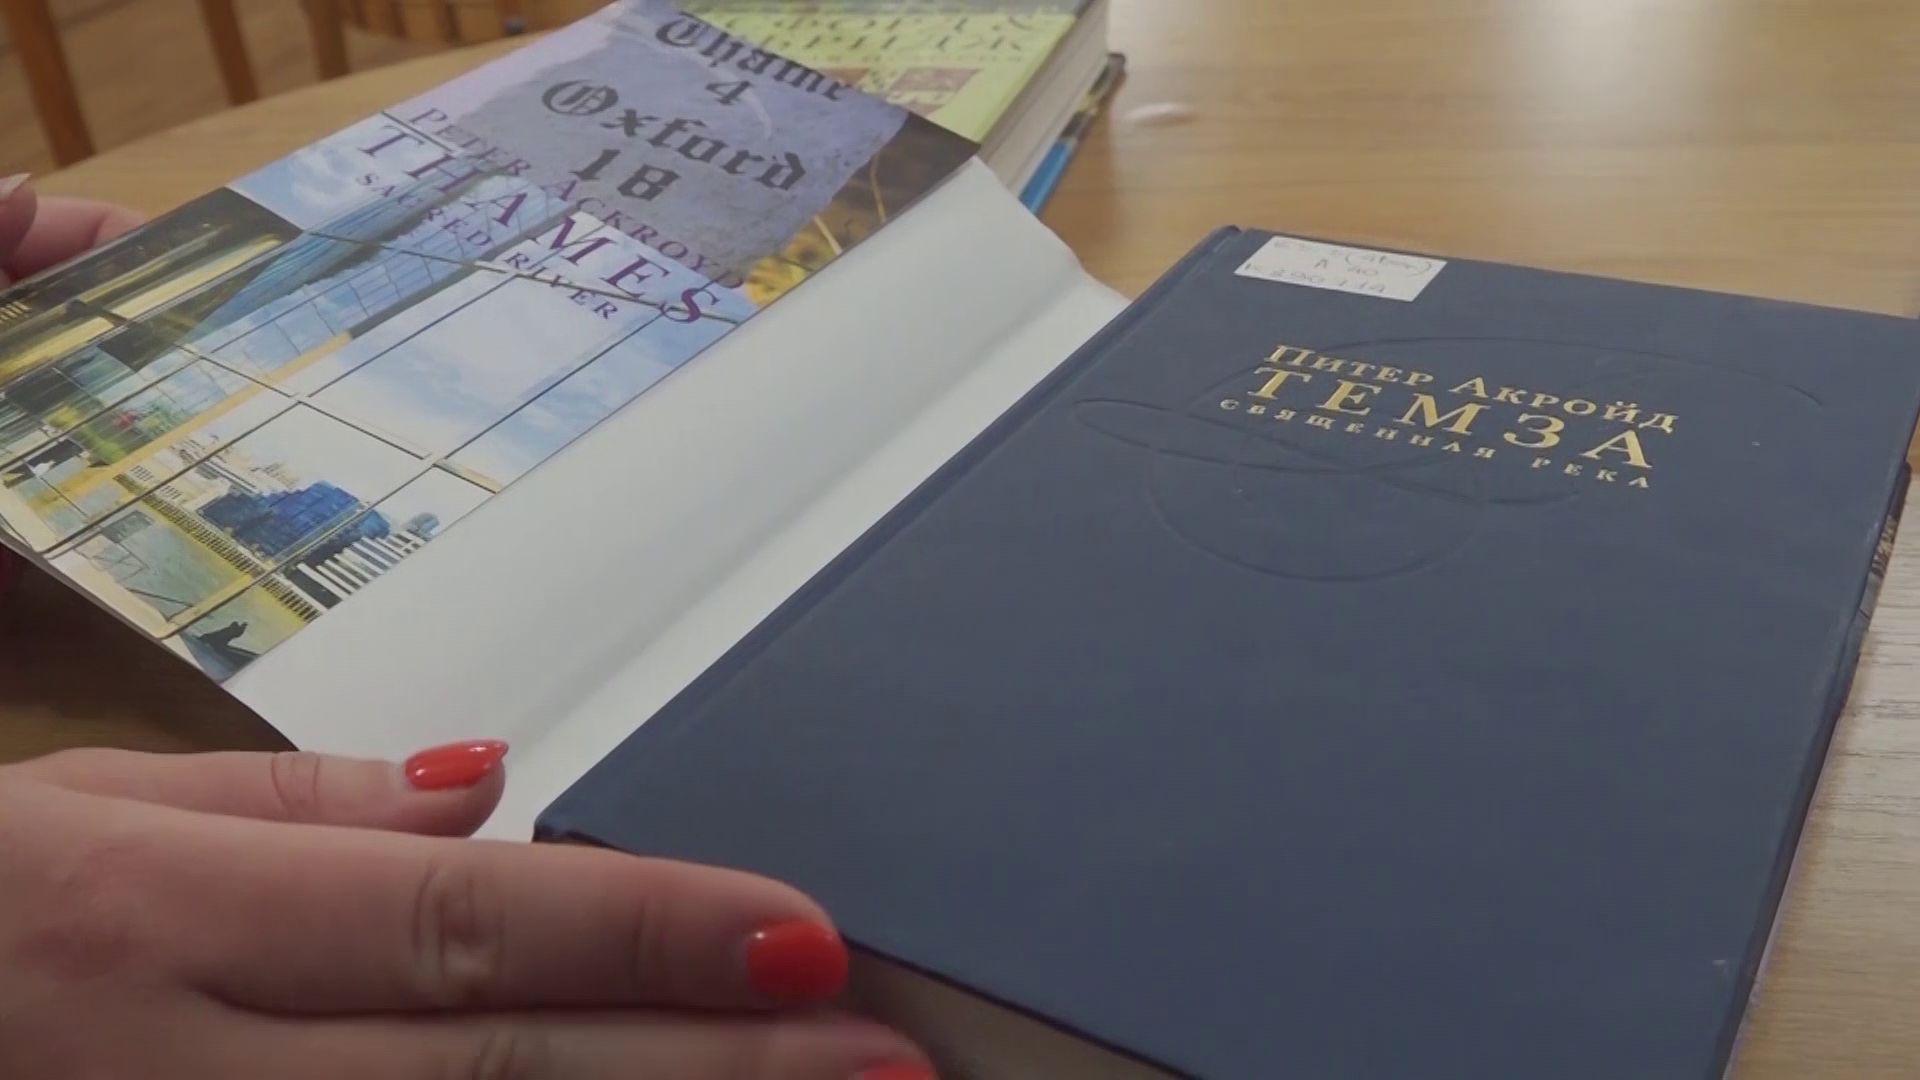 Утреннее шоу «Овсянка» от 24.11.20: читаем книги об Англии и учимся танцевать «Ча-ча-ча»